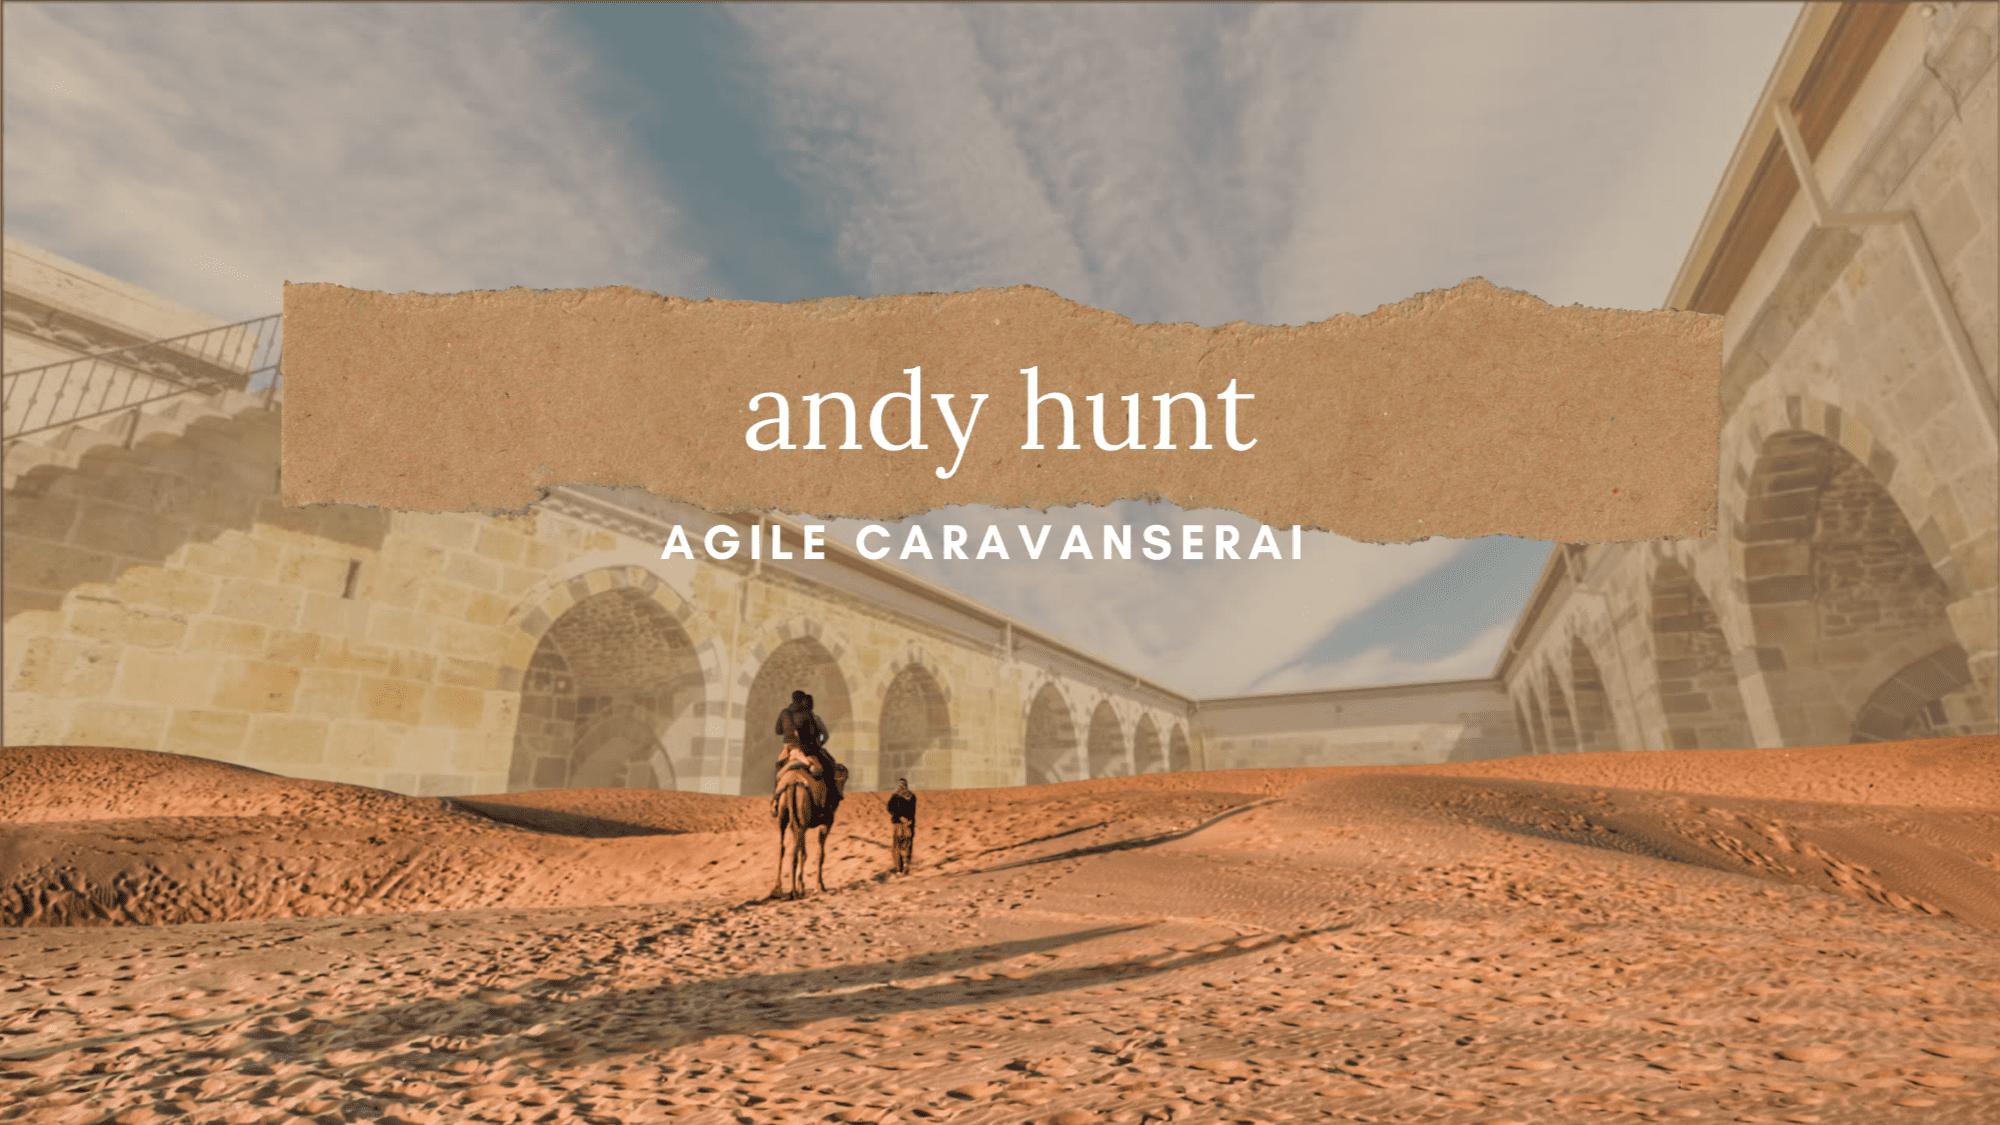 Agile Caravanserai Andy Hunt